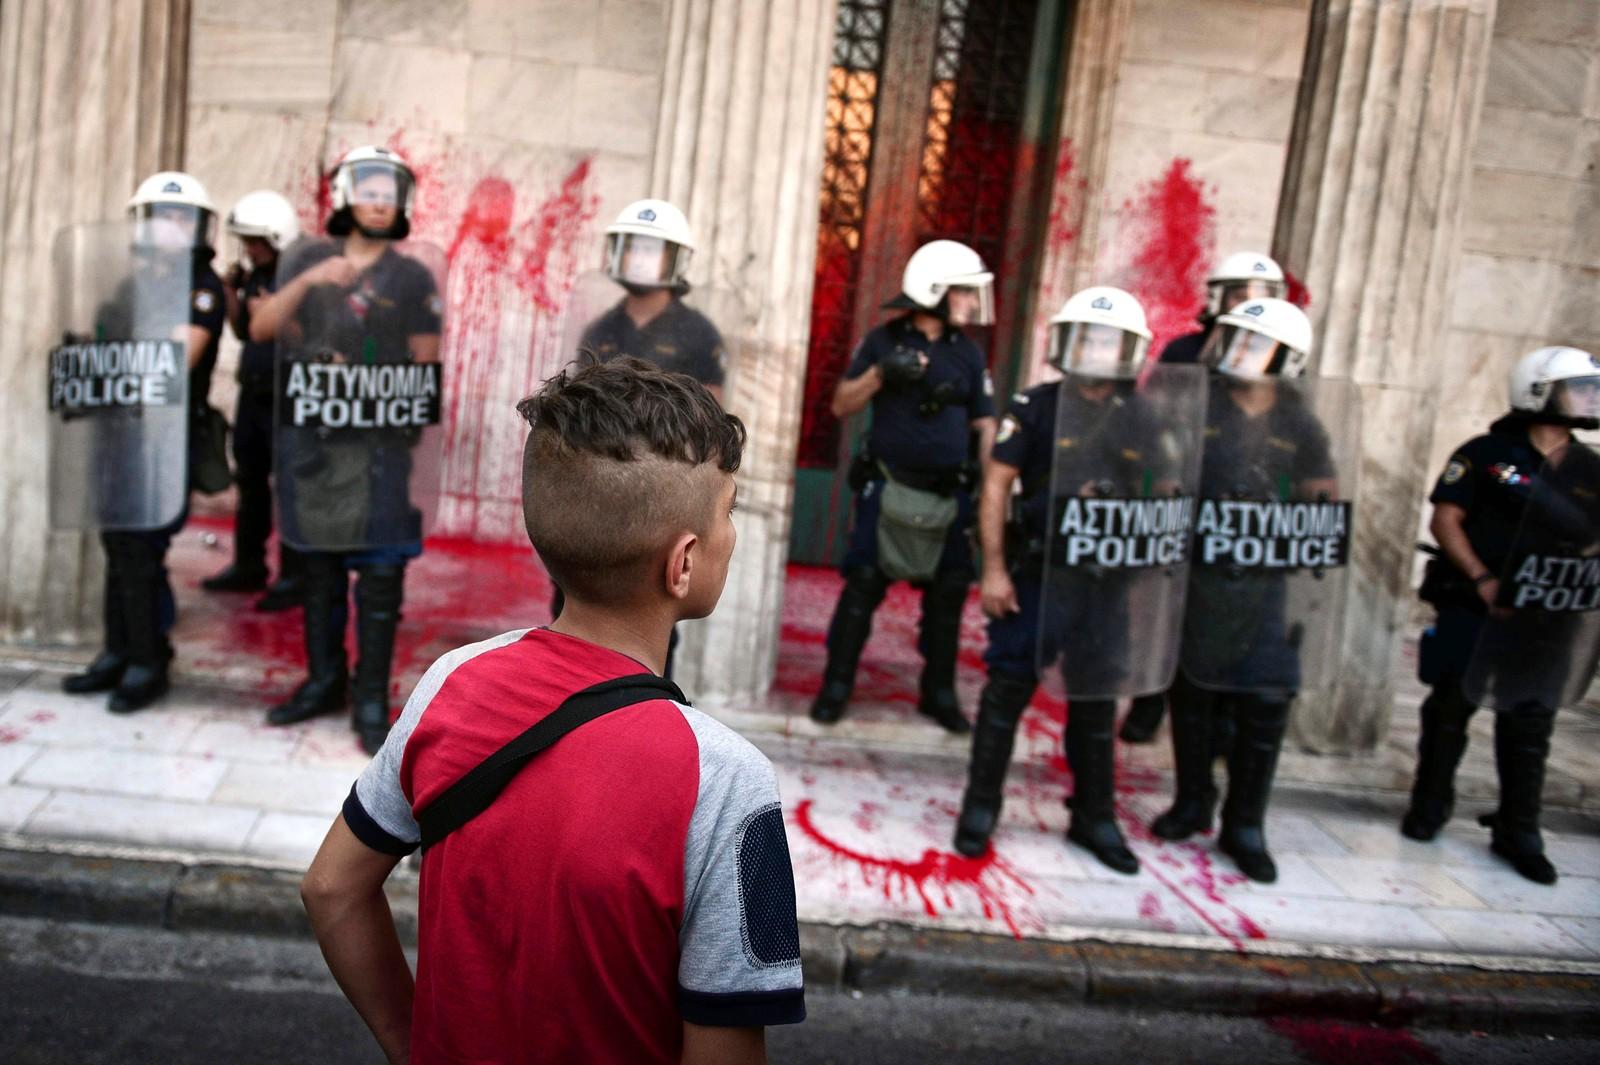 En gutt står foran en bygning som huser det politiske partiet SYRIZA (Koalisjonen av det radikale venstre), og ser på politifolk som passer på etter at demonstranter har kastet maling på fasaden den 29. august. Flere tusen flyktninger og støttespillere demonstrerte foran bygningen etter at flyktninger ble angrepet uken før. Demonstrantene krevde at flyktningene må beskyttes bedre.